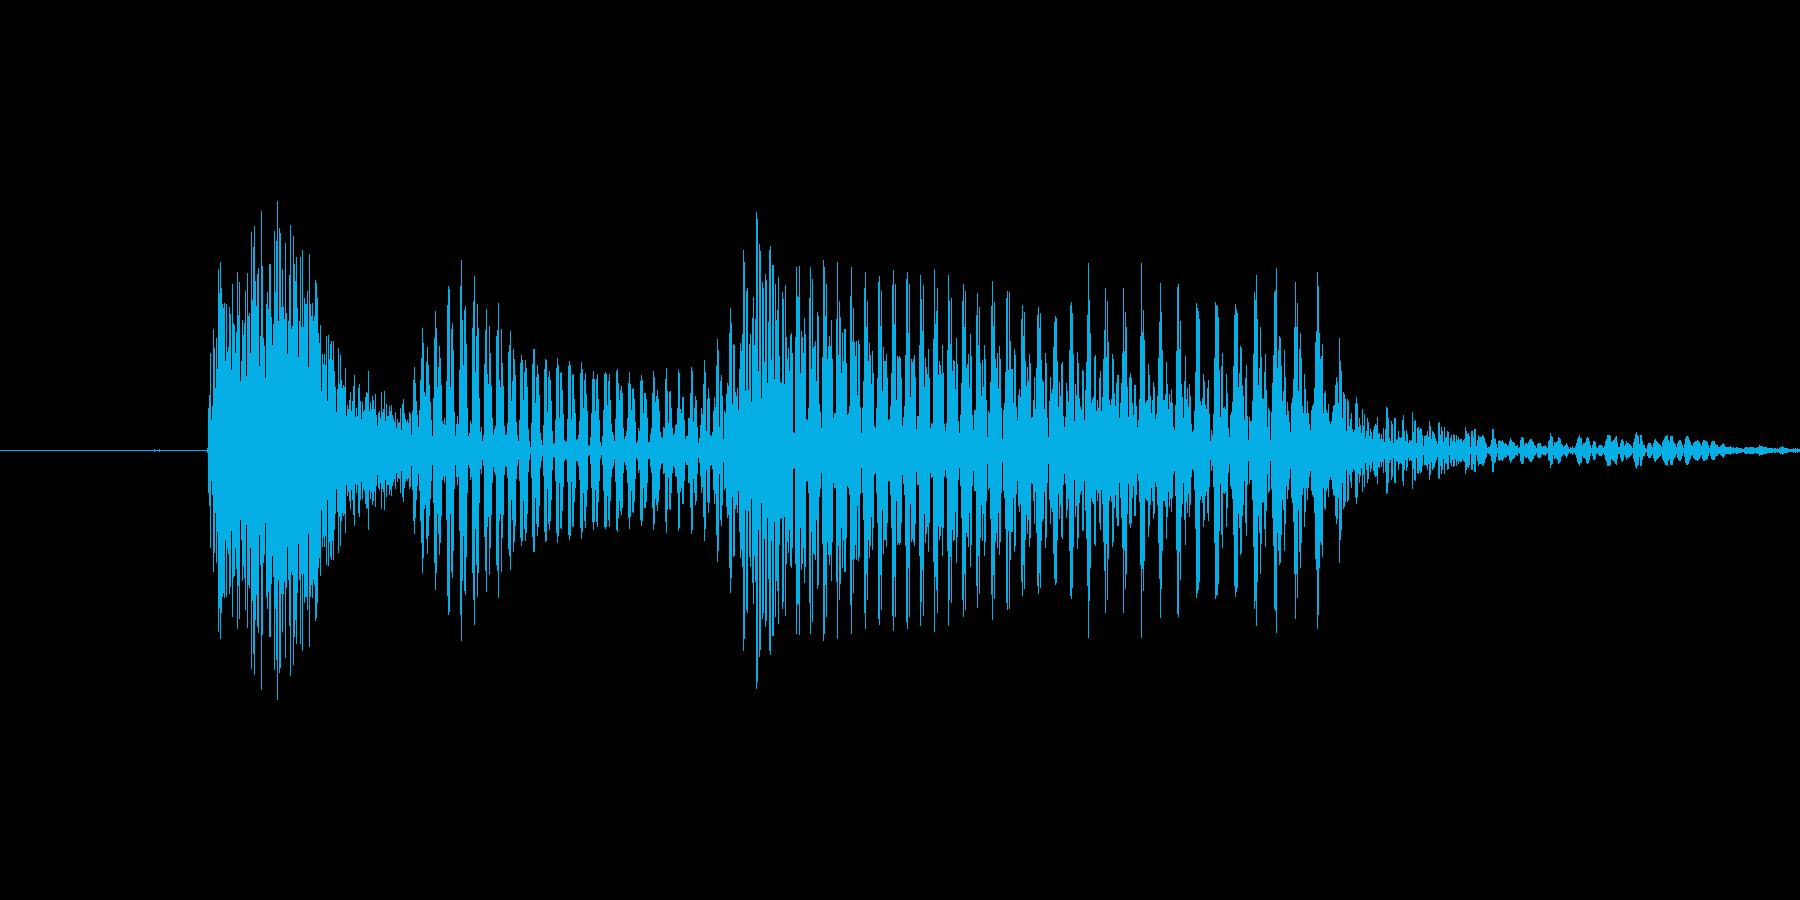 「2 AM」英語発音の再生済みの波形